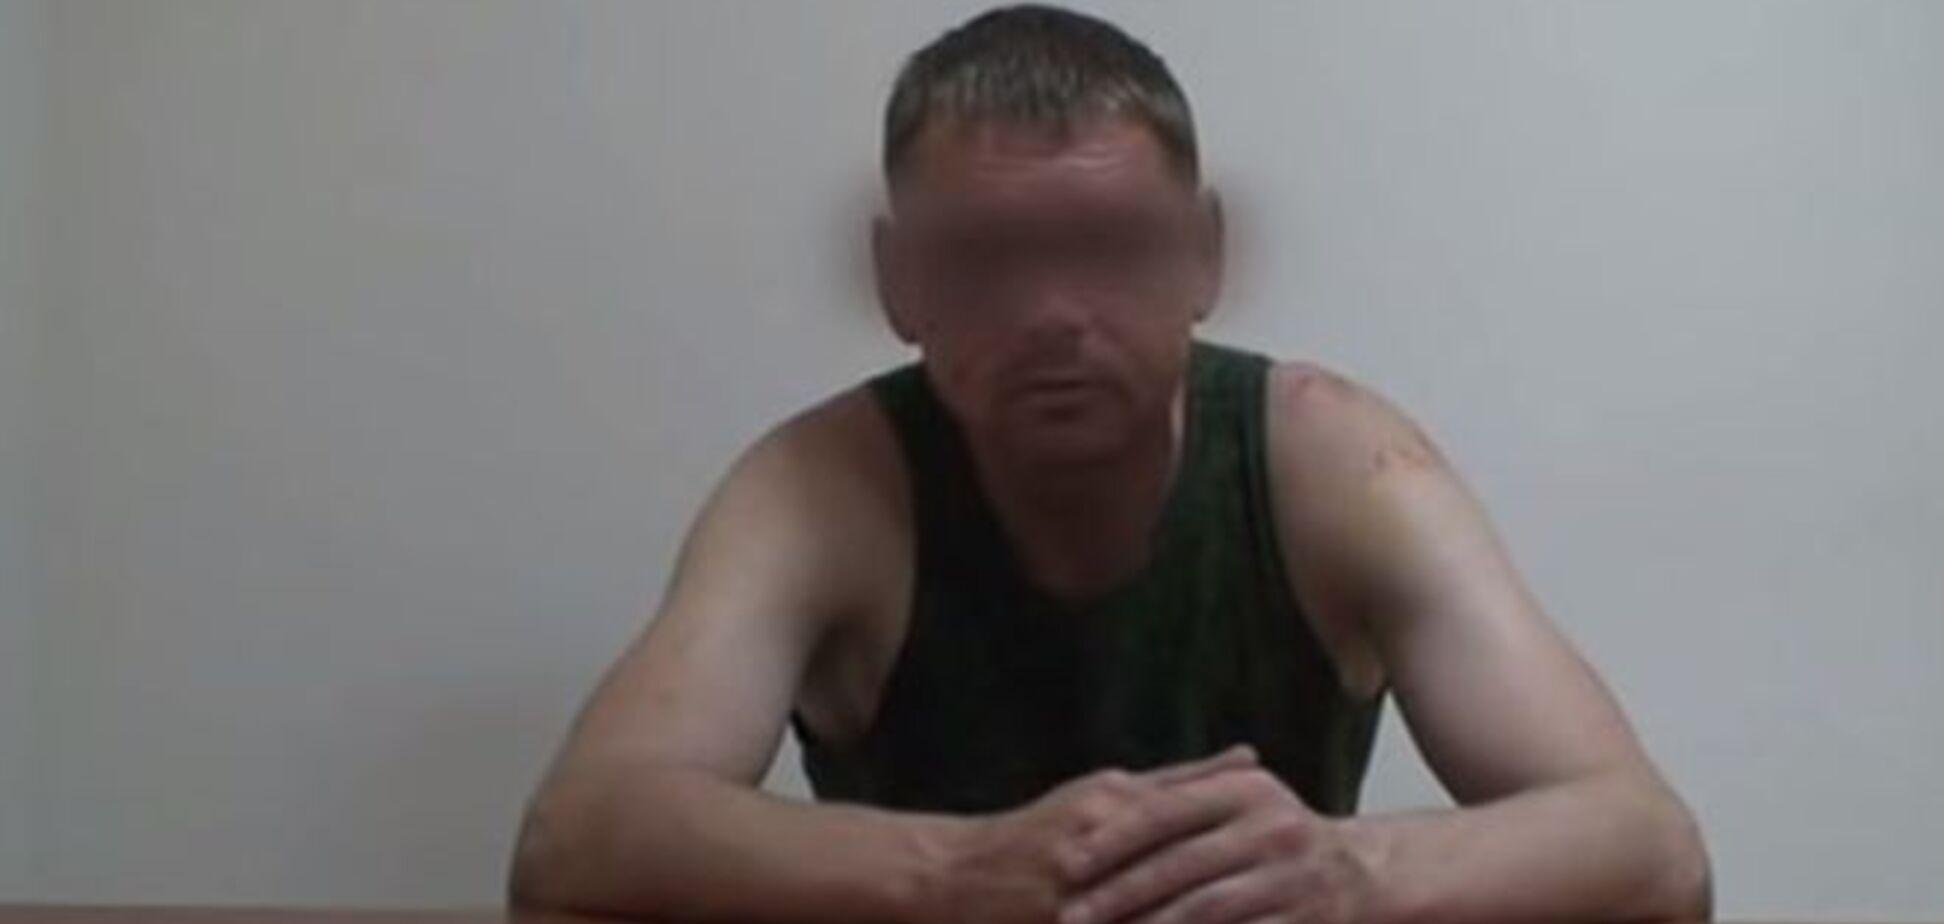 СБУ опубликовала полное видео допроса пленного российского майора Старкова